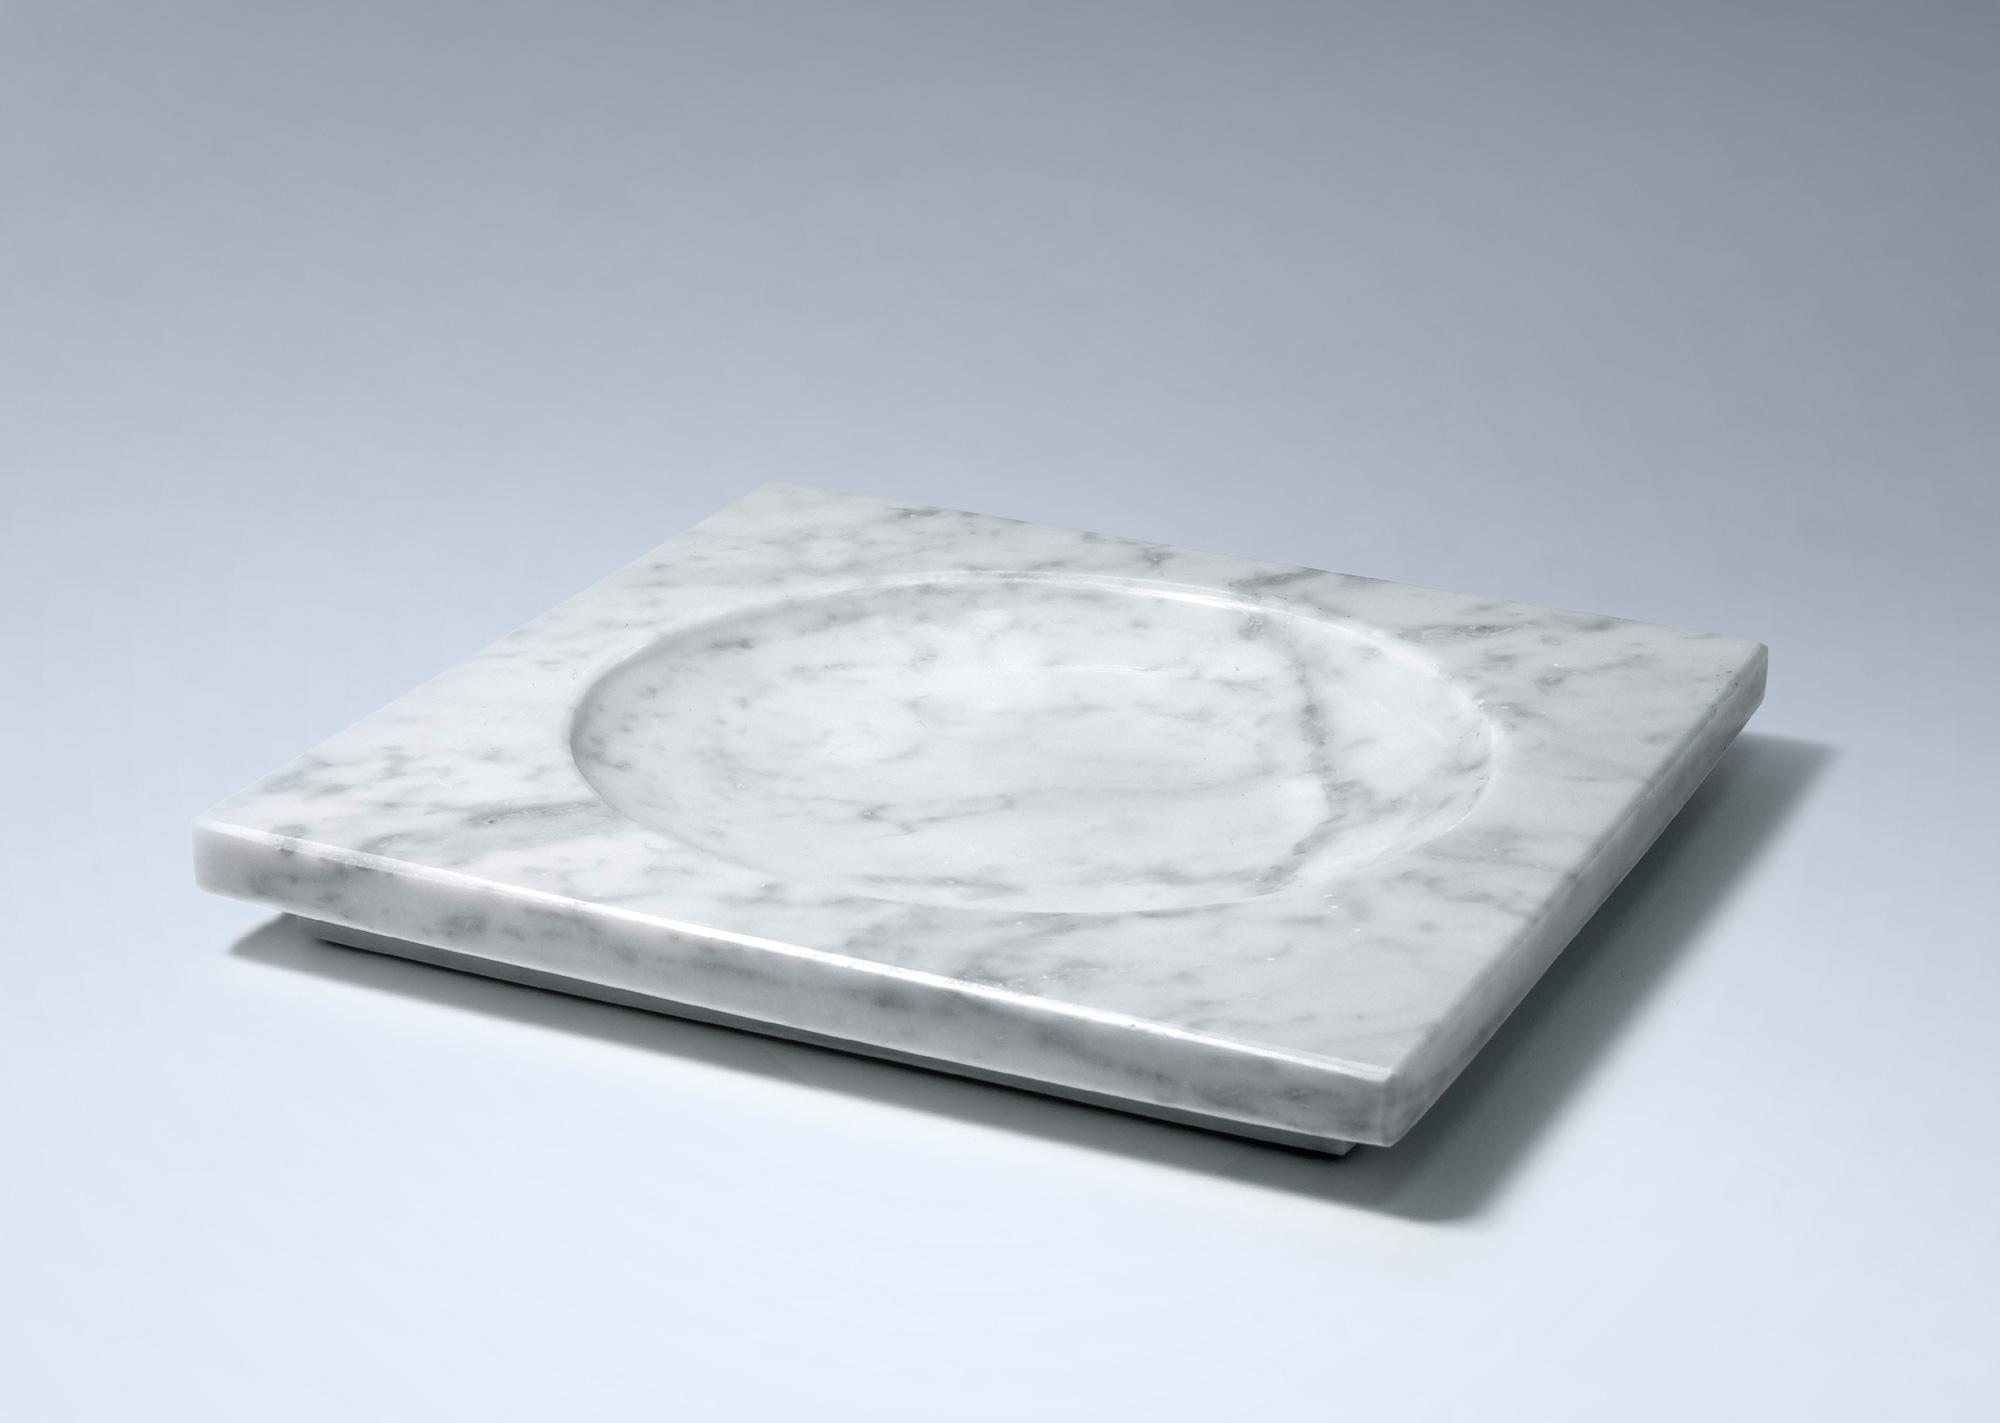 Plato de mármol